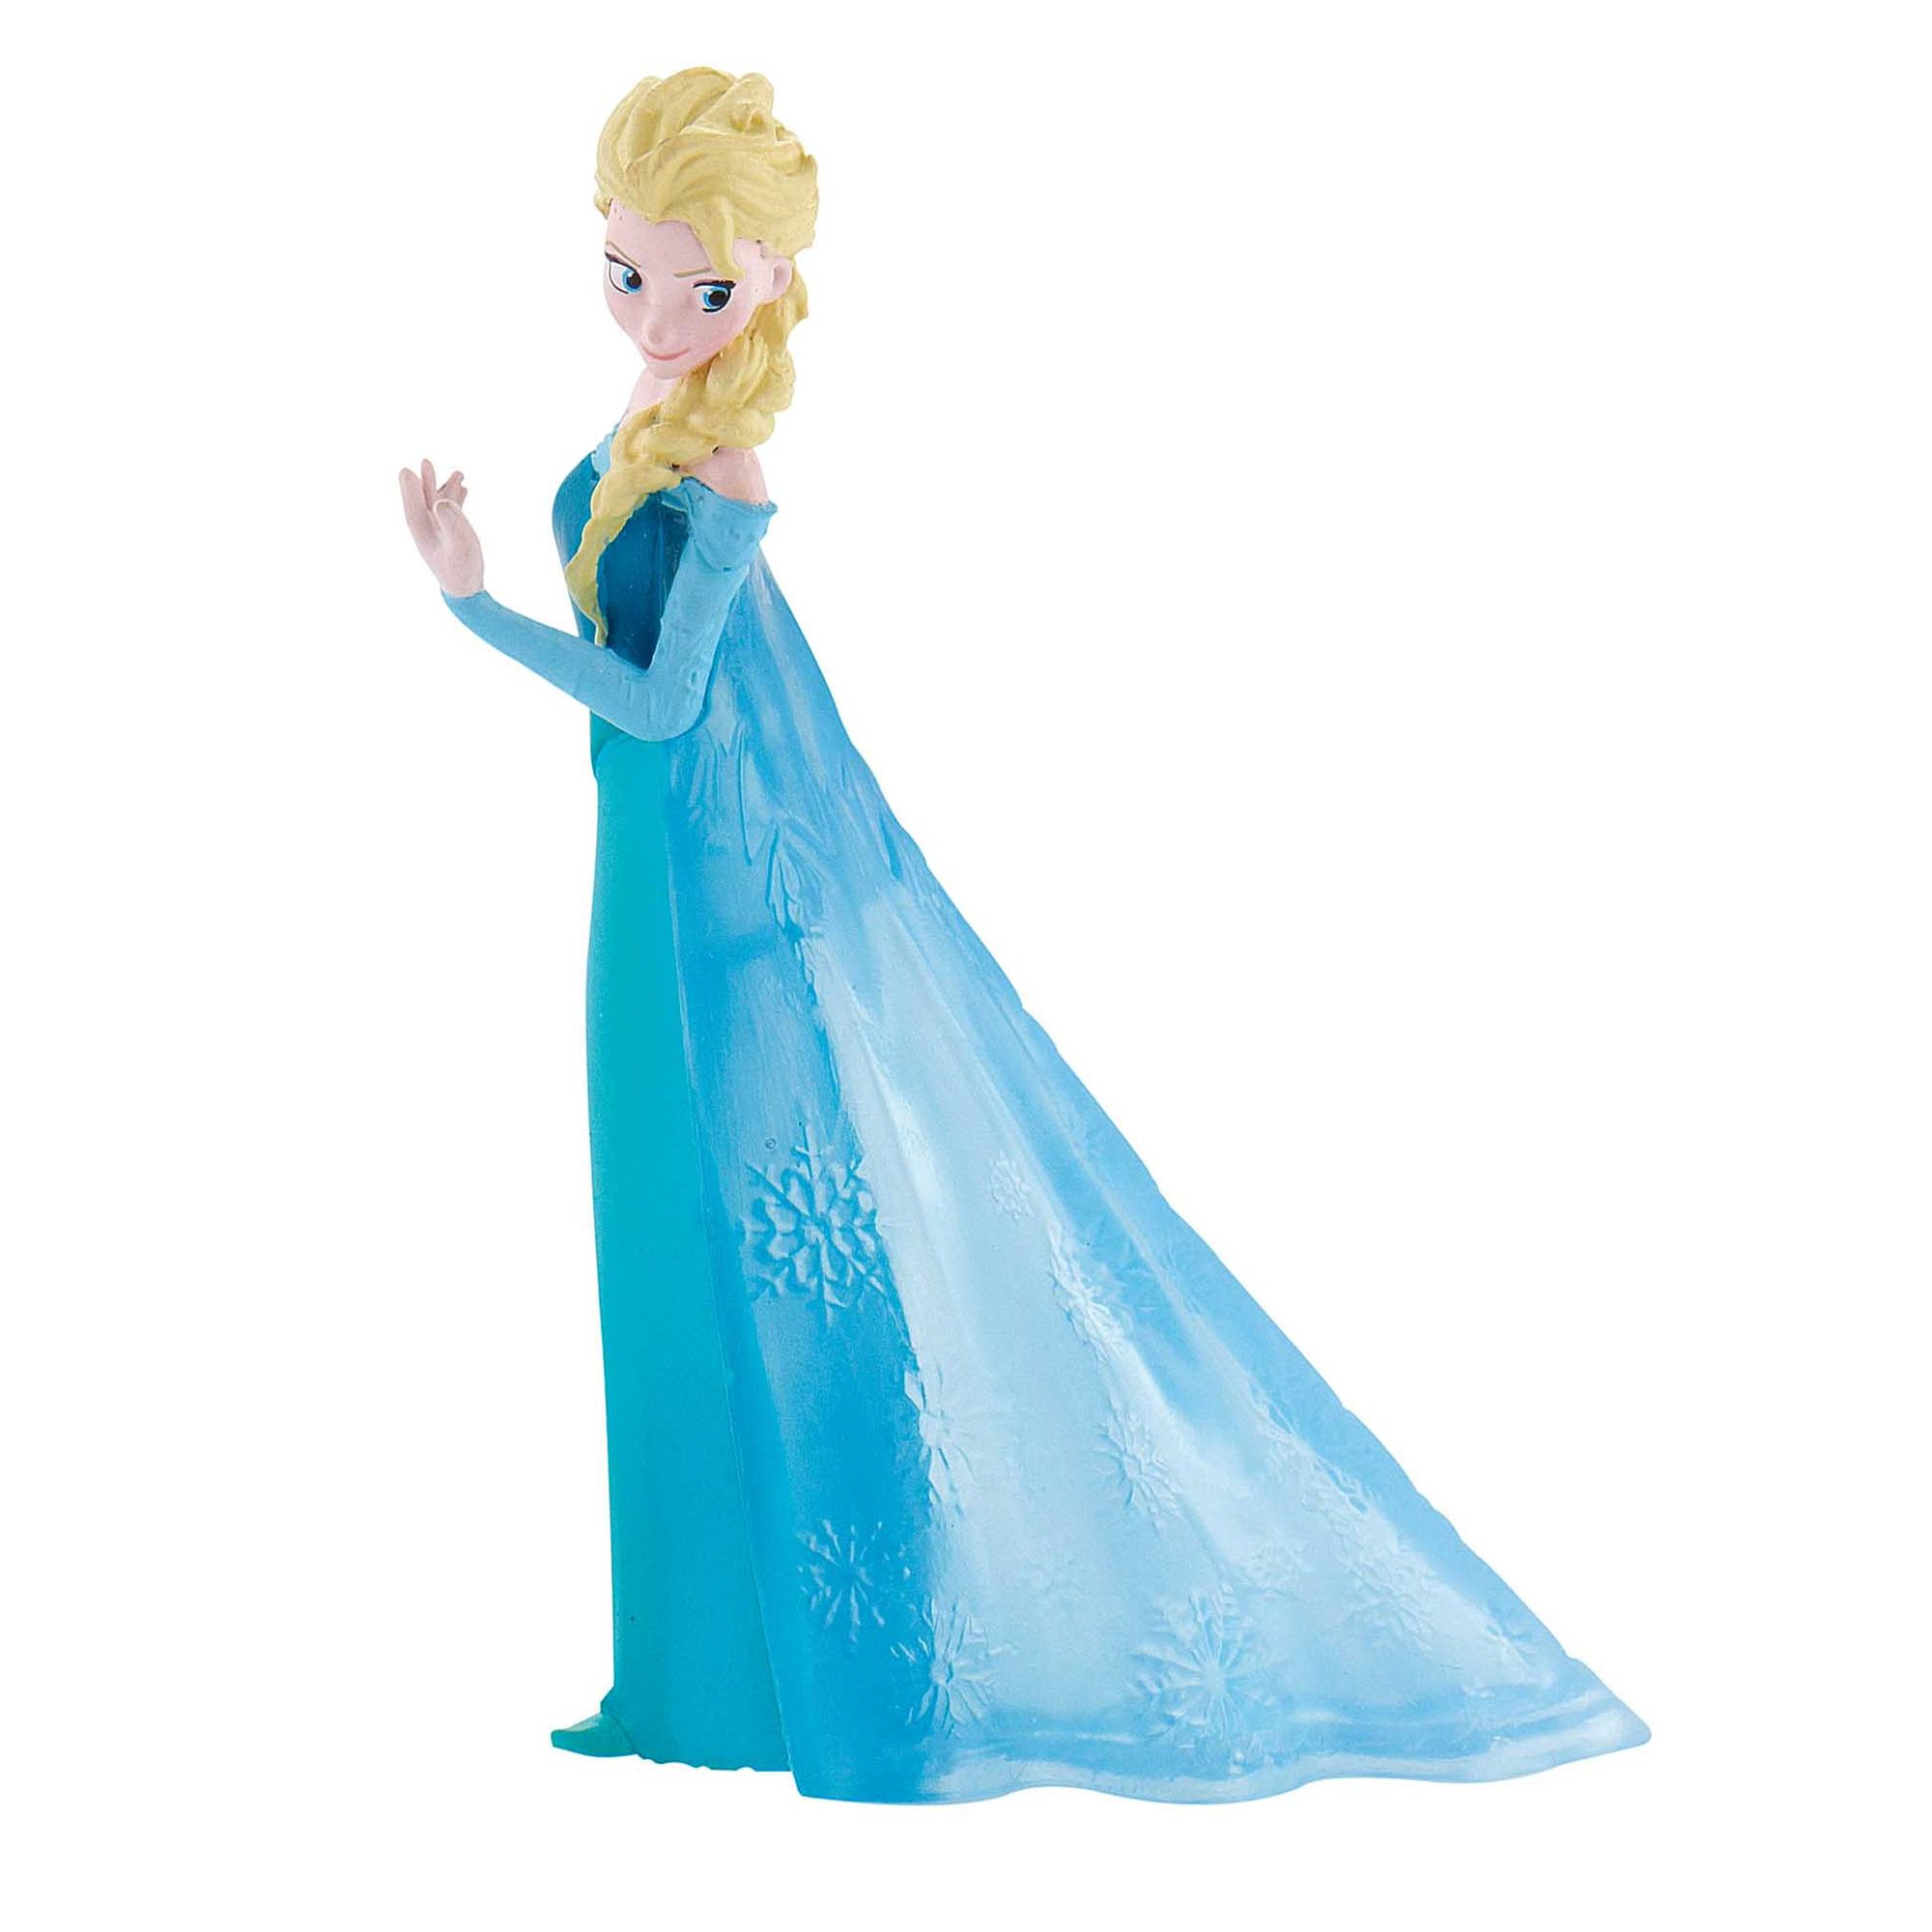 figurina disney frozen printesa elsa, 10 cm